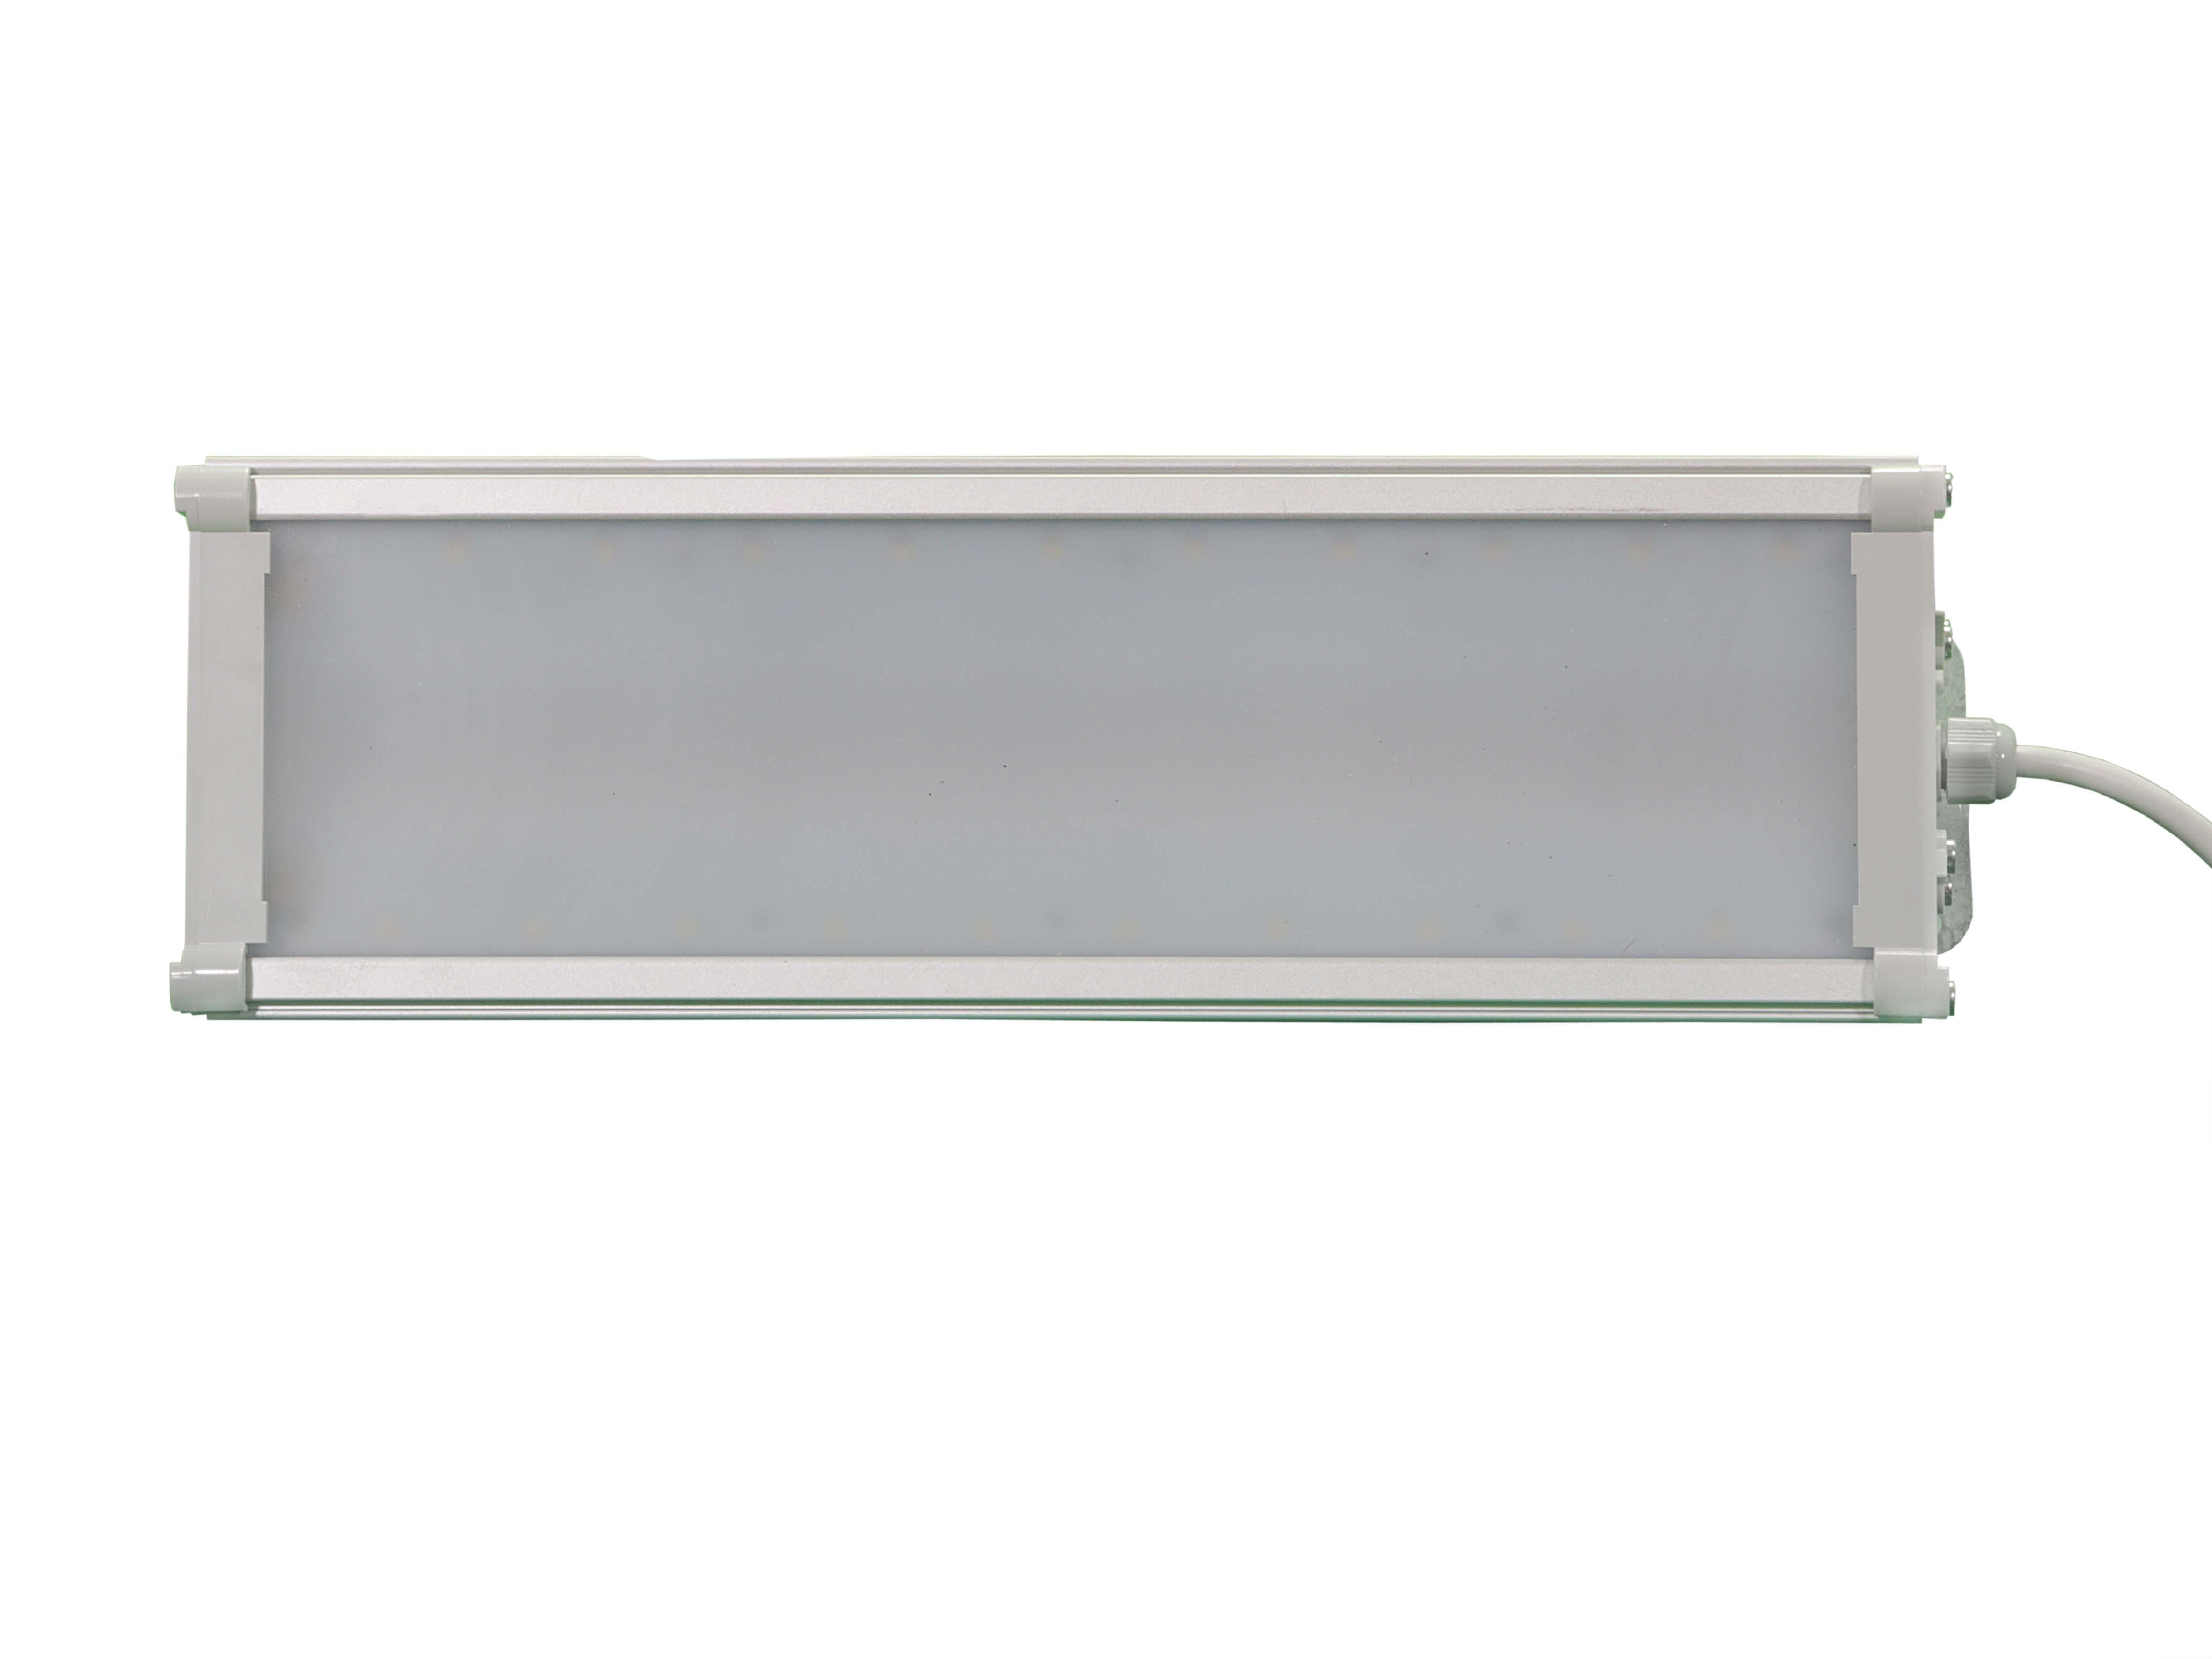 Промышленный светодиодный светильник Лайн-120 120Вт 14520Лм